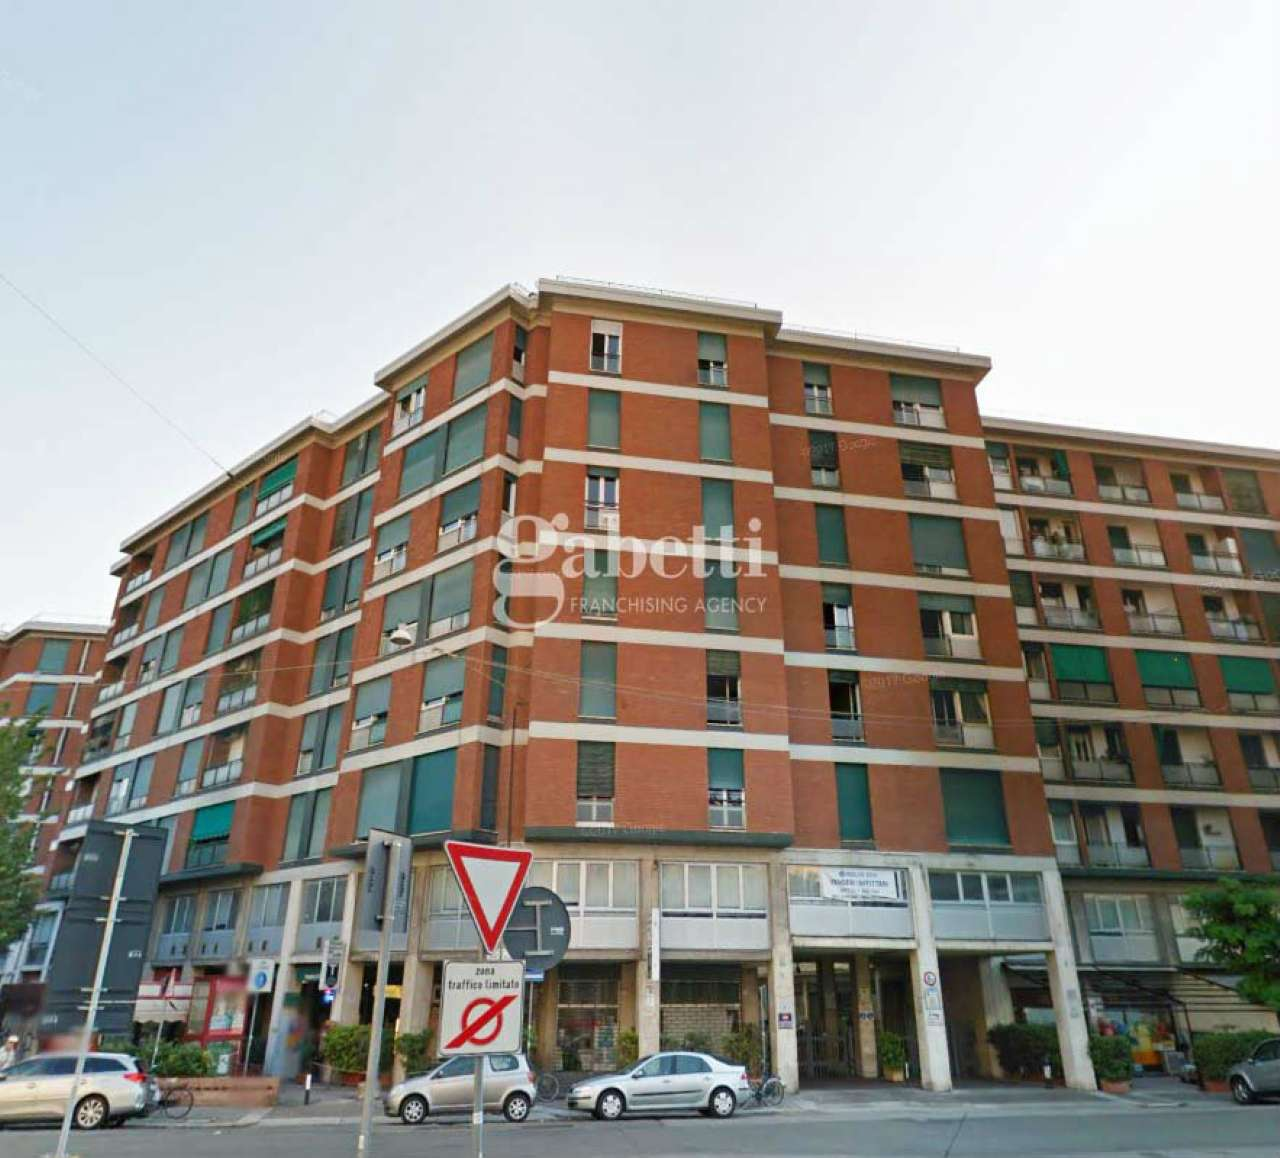 Ufficio / Studio in vendita a Bologna, 1 locali, zona Zona: 14 . Marconi, prezzo € 420.000 | CambioCasa.it